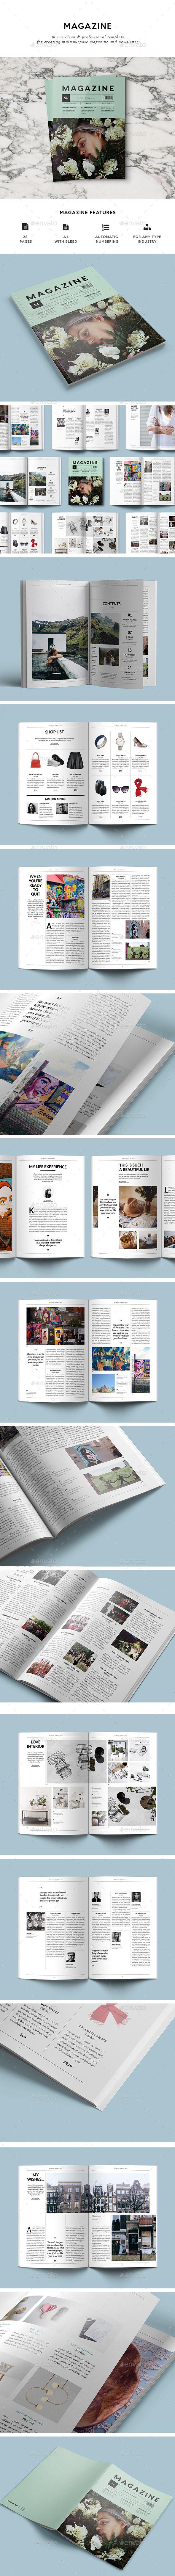 Magazine Template | Diseño editorial, Revistas y Editorial